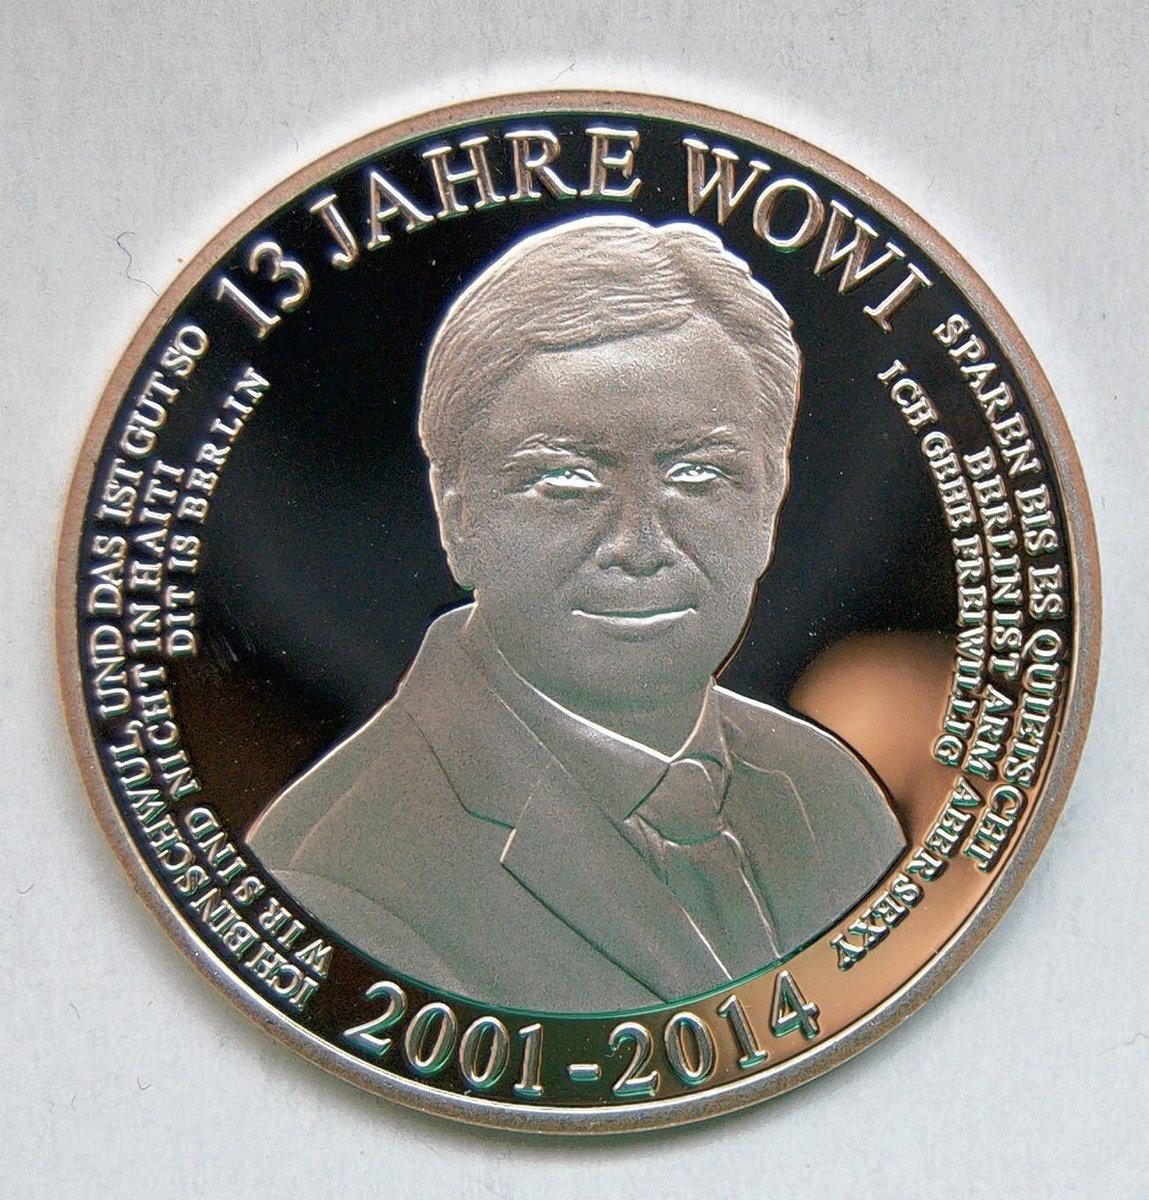 Staatliche Münze Berlin Prägte Medaille Zum Abschied Von Klaus